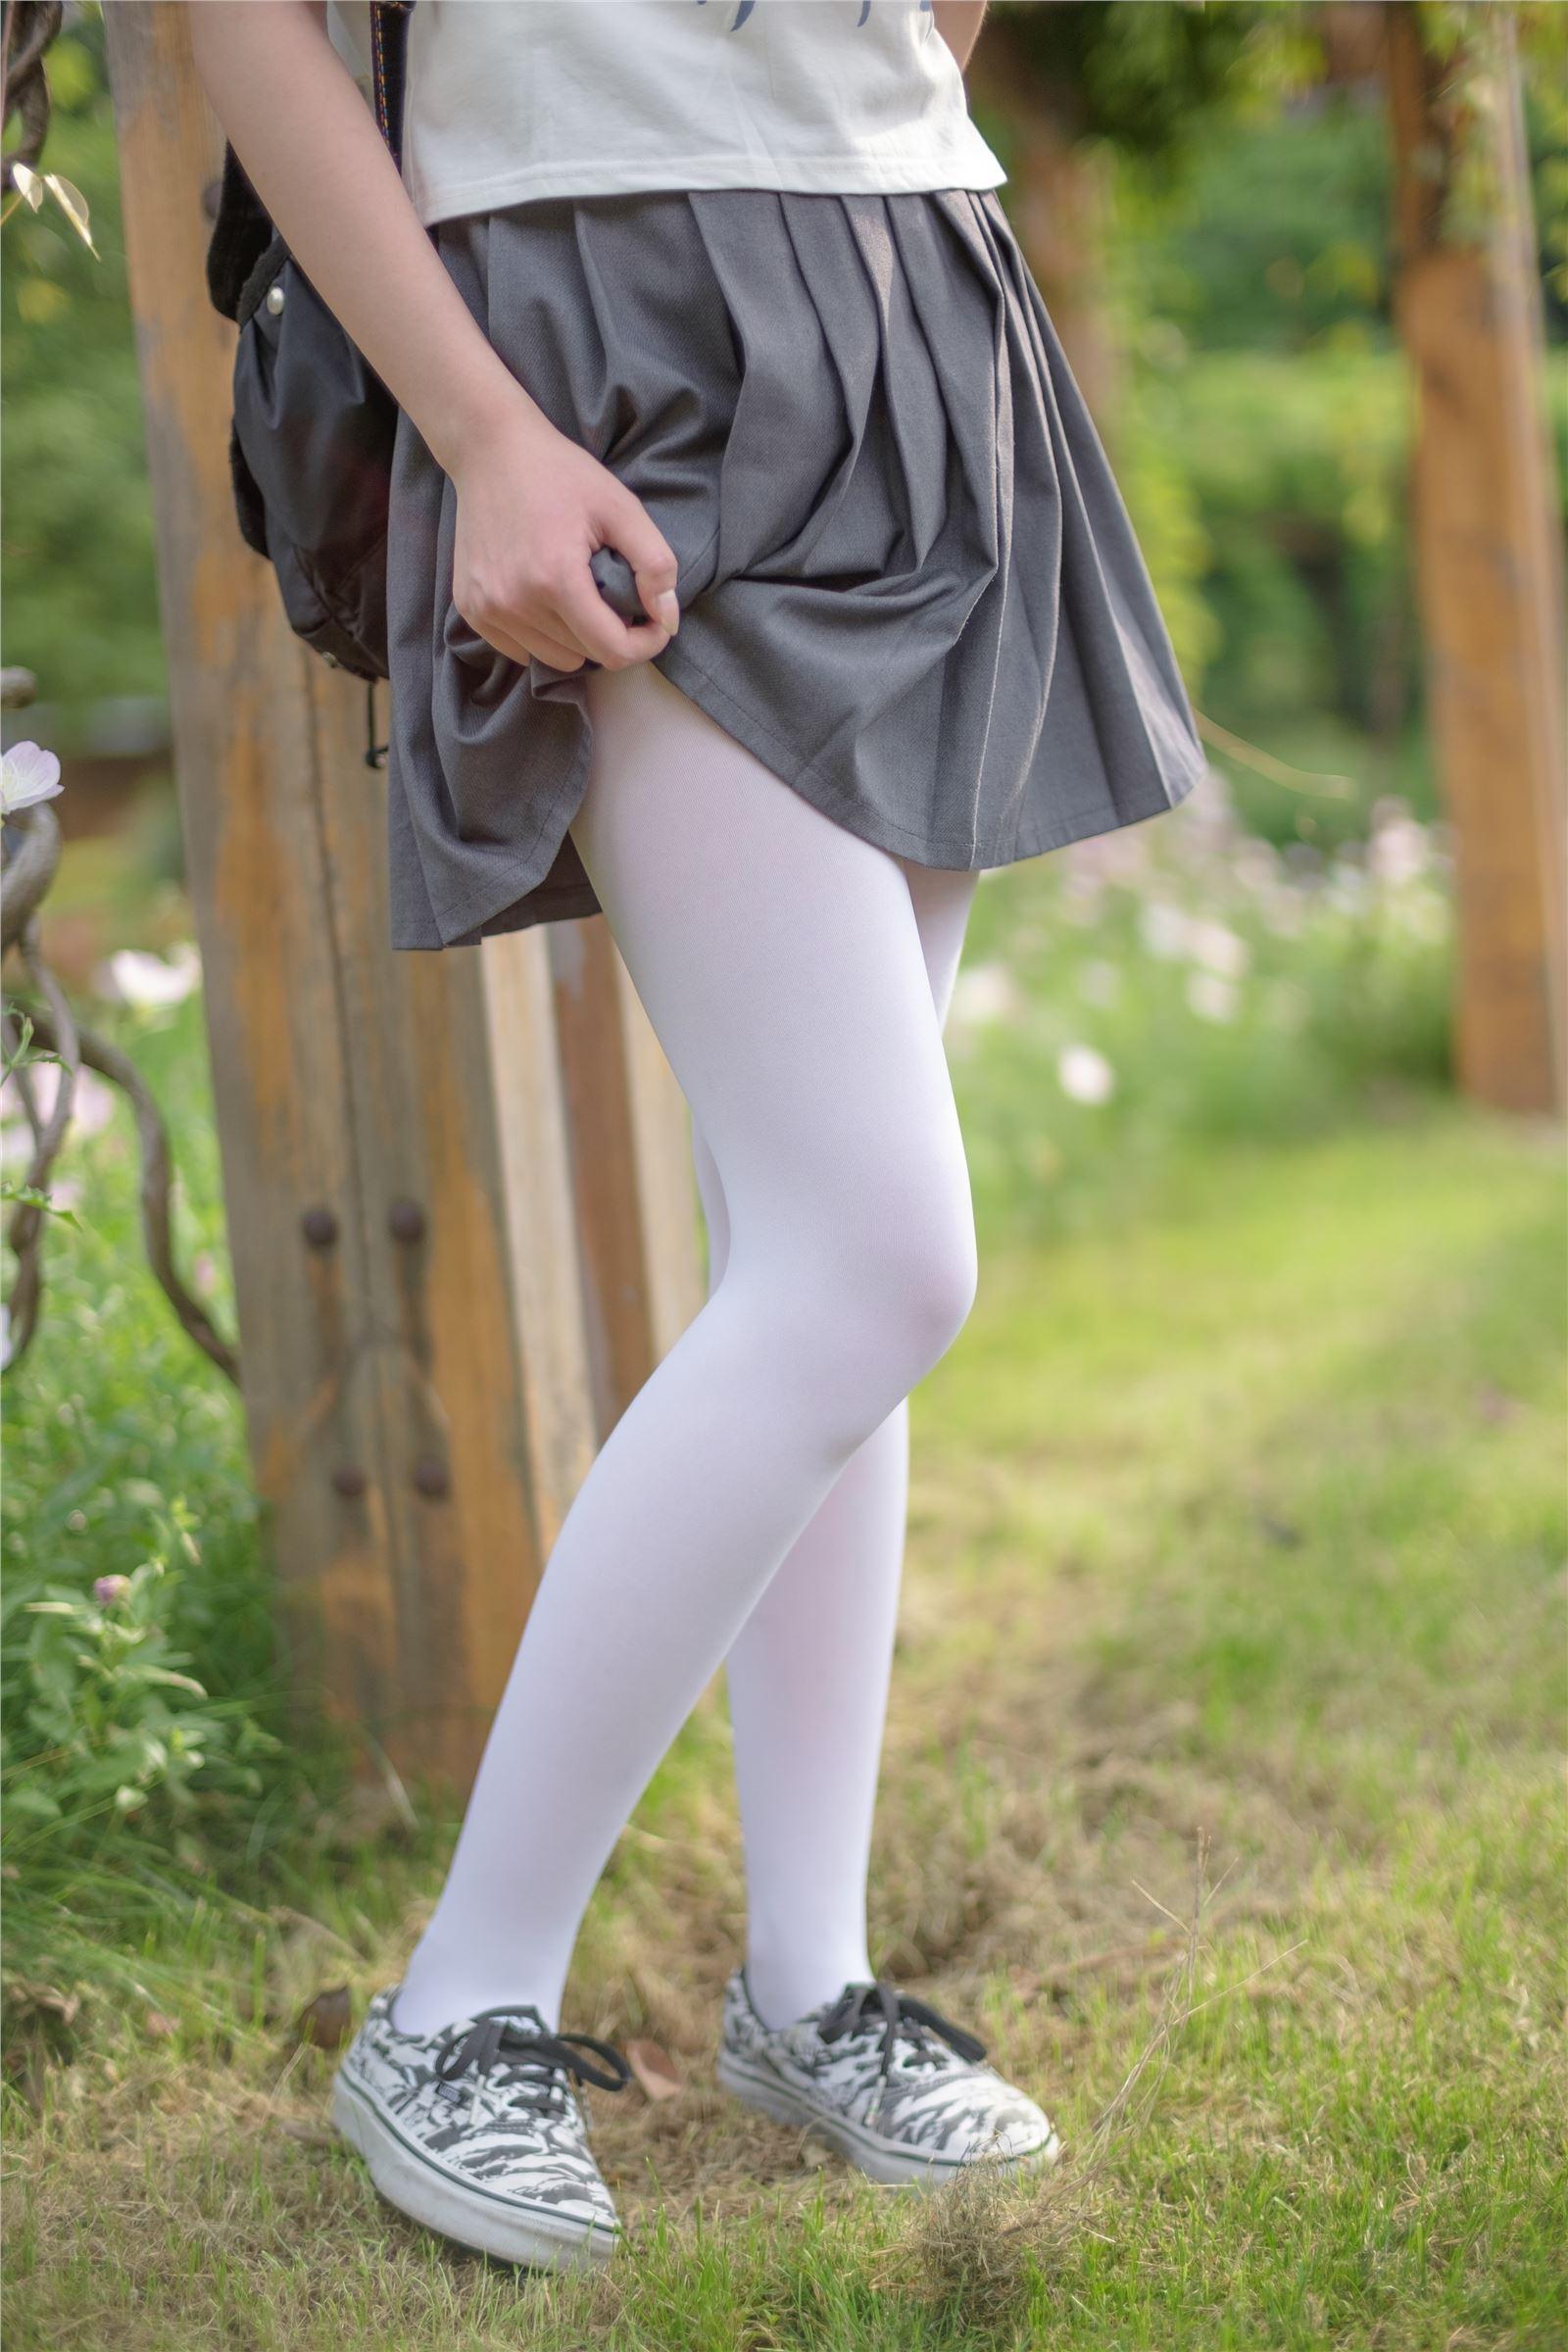 森萝财团 萝莉丝足写真 R15-014 白丝妹妹游园